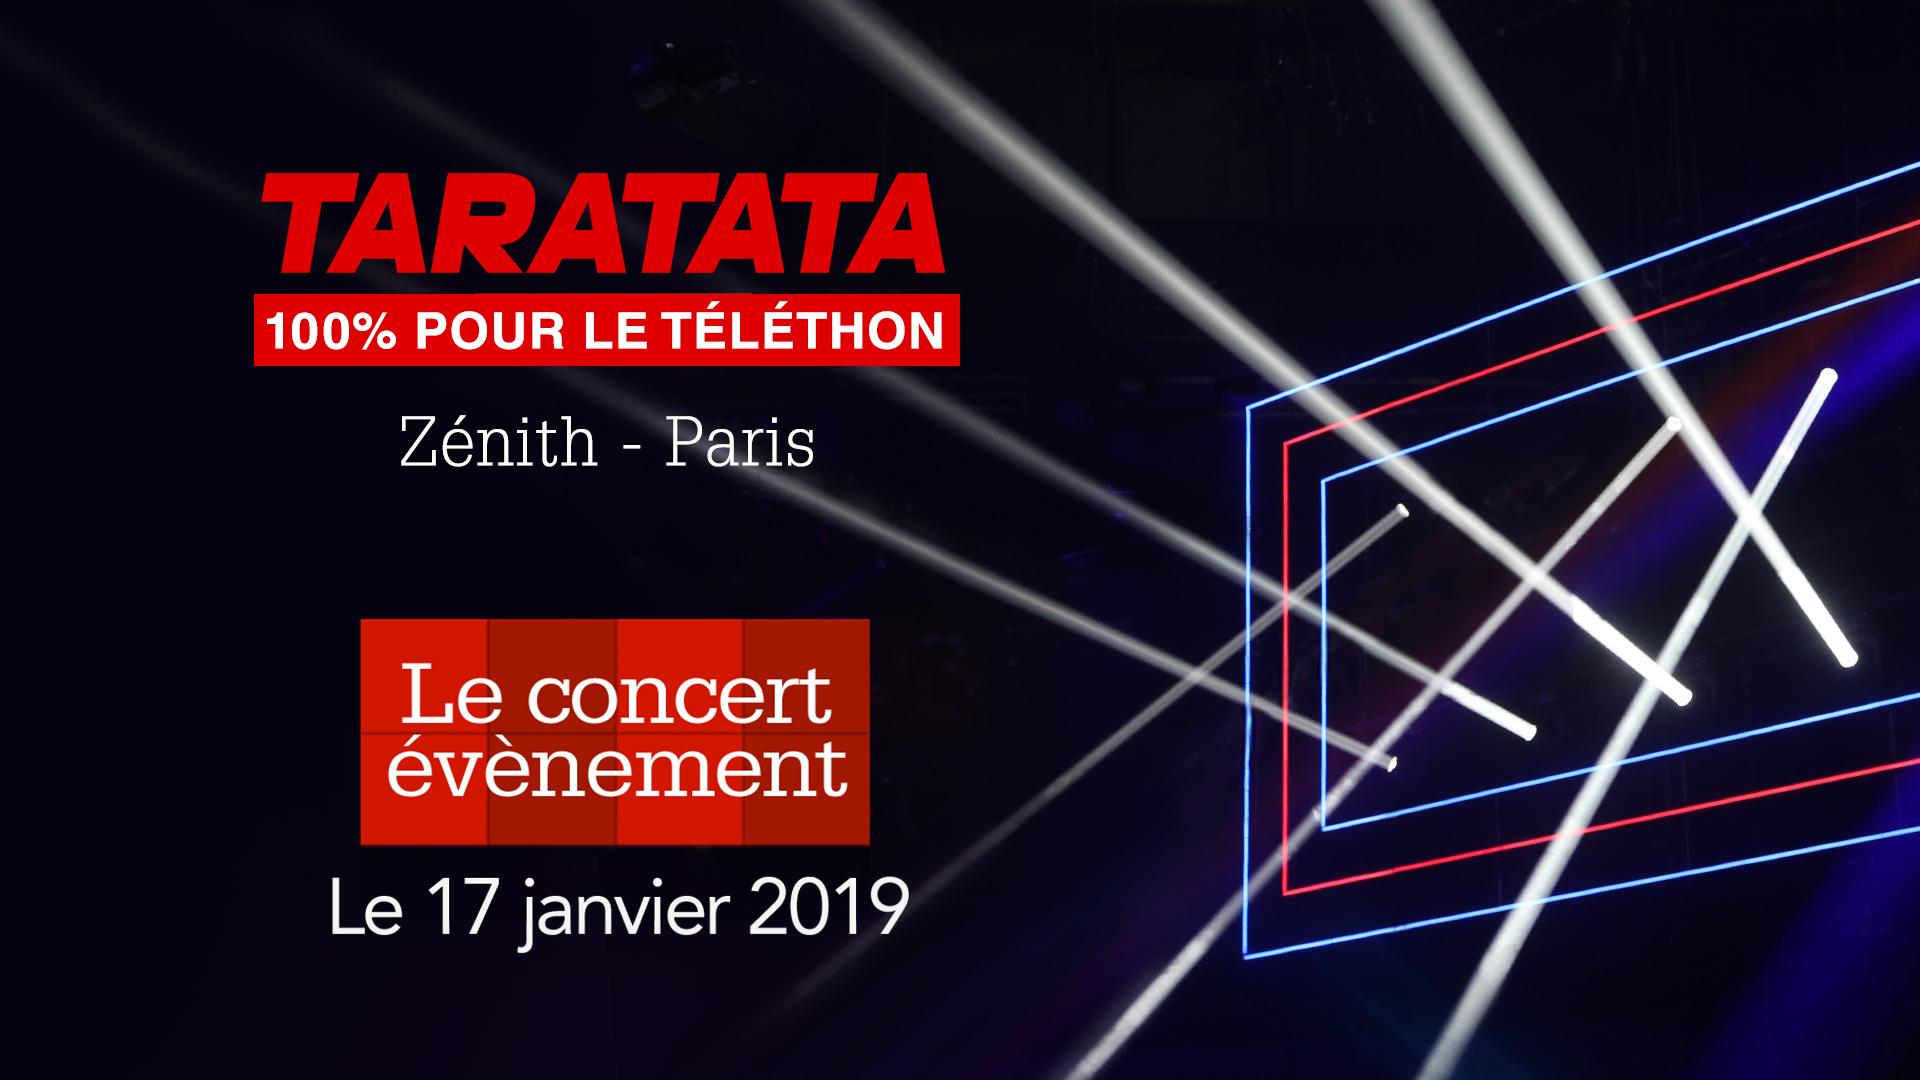 Concert événement Taratata 100% pour le Téléthon